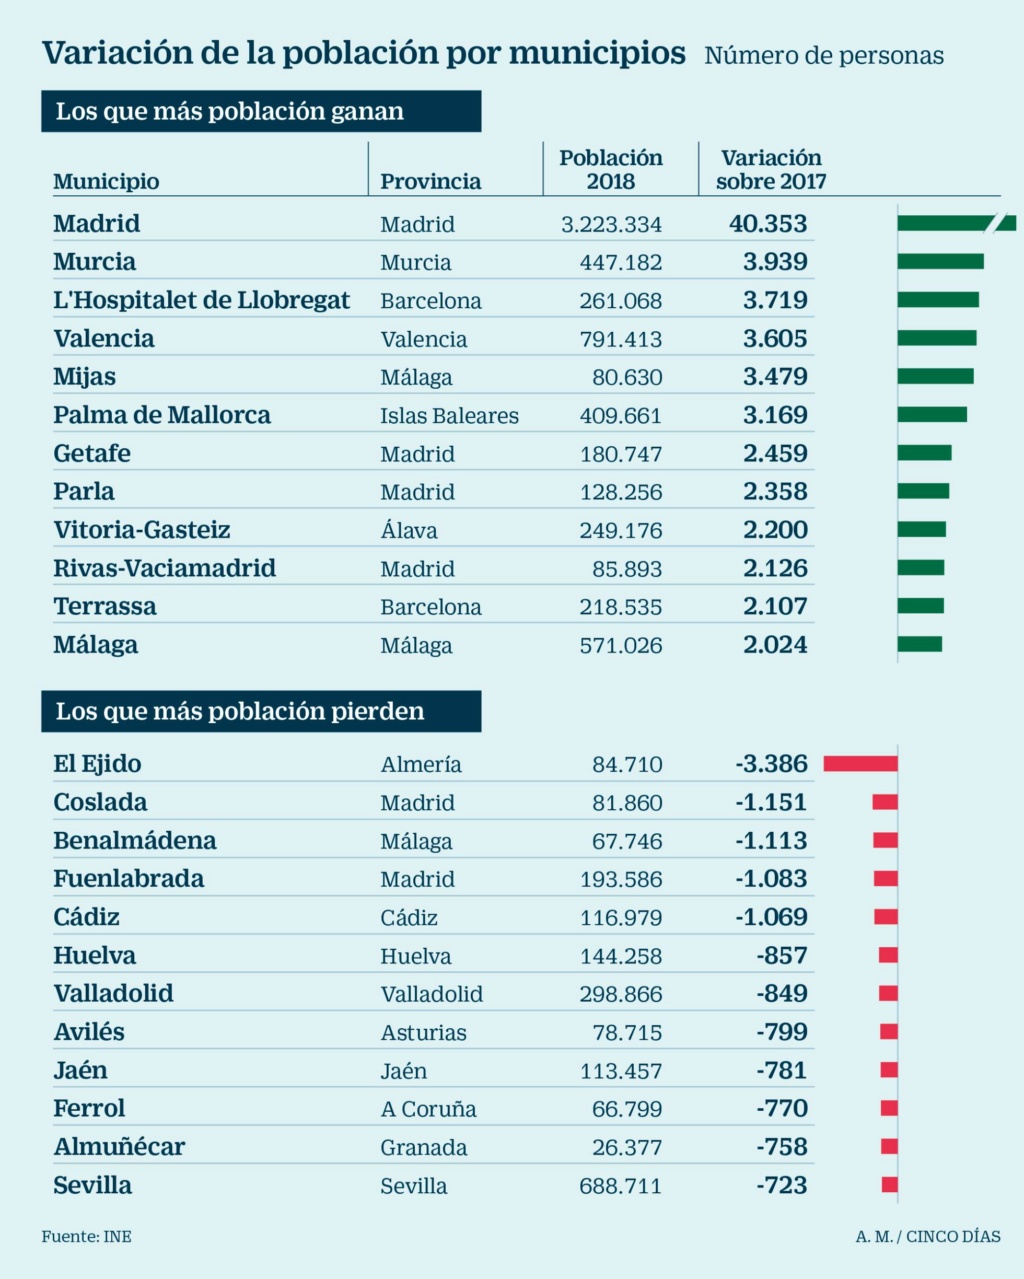 Demografía. España: fecundidad, nupcialidad, natalidad, esperanza media de vida.  - Página 2 15464310